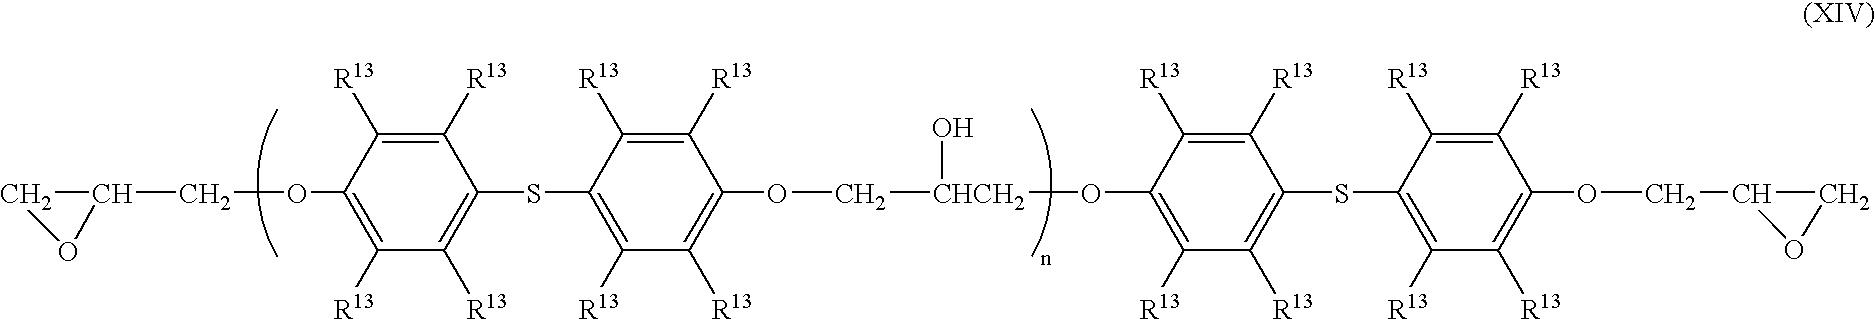 Figure US20050267286A1-20051201-C00013